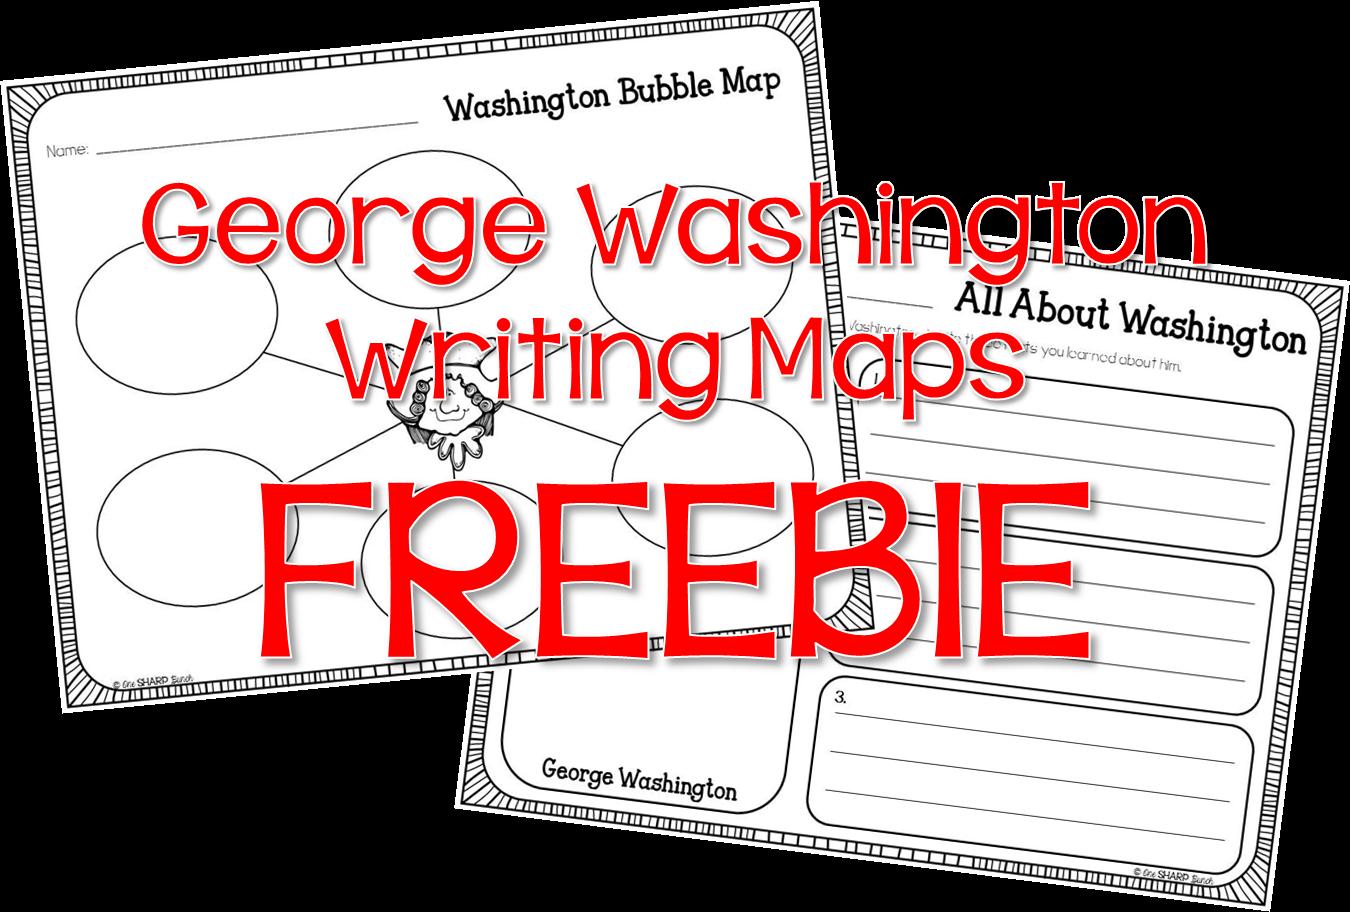 https://www.teacherspayteachers.com/Product/Presidents-Day-Washington-Writing-Maps-FREEBIE-550540